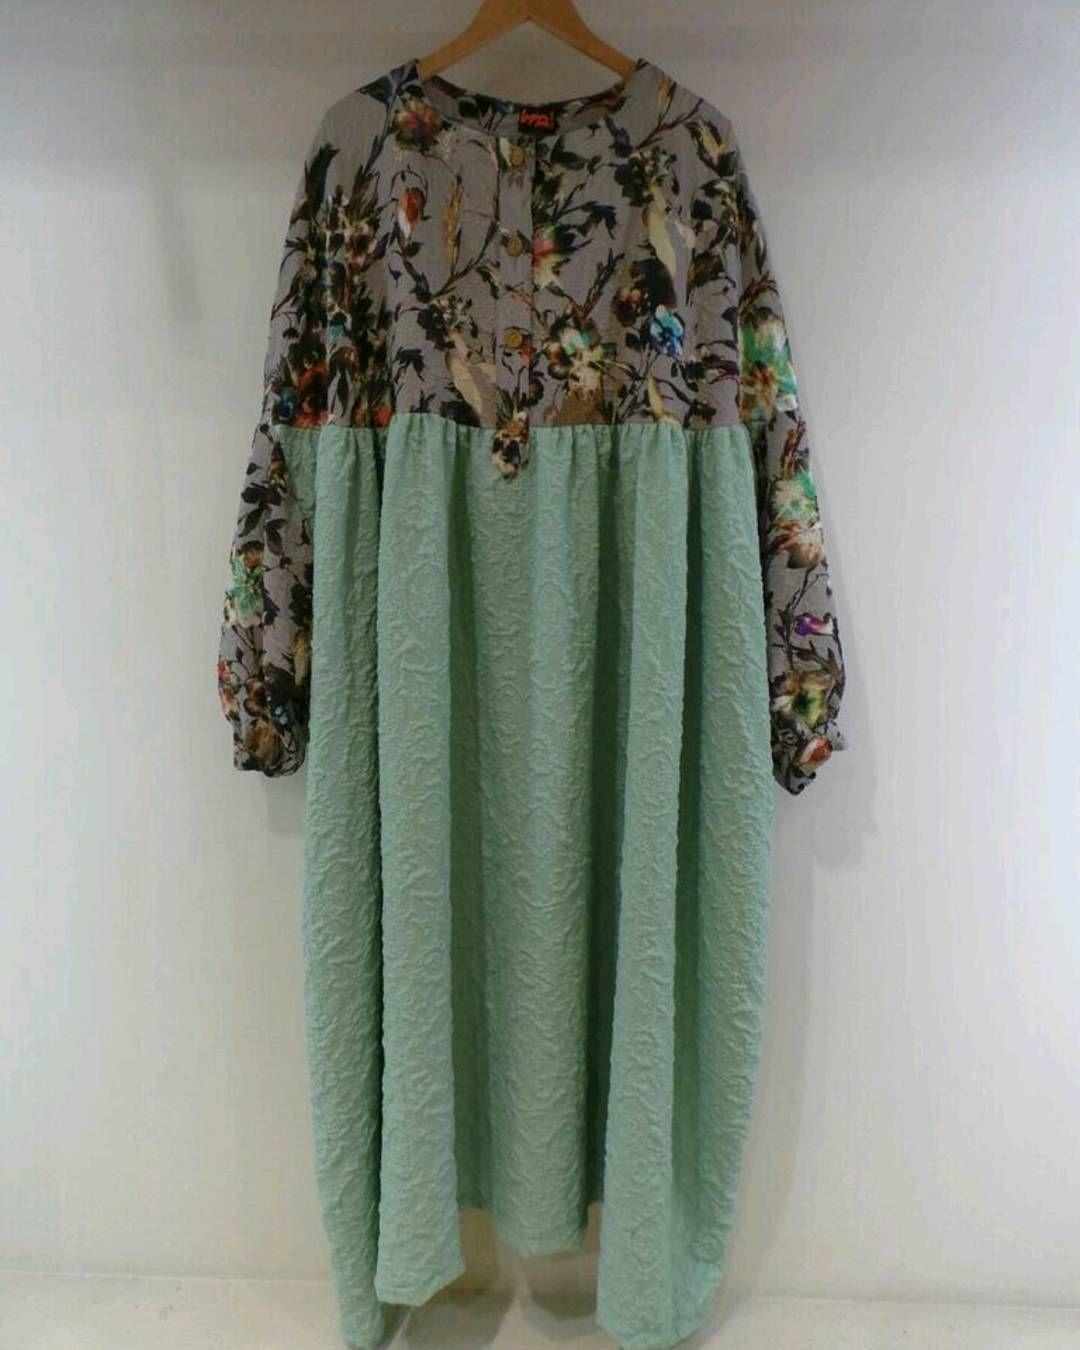 بوتيك لاجن لوك للموضة الاوروبية ملابس واسعة بقصات مميزة خامات راقية بجودة عالية مناسب للمحجبات أحذية فناتك من ماركة Irregularch Fashion Stylish Kimono Top